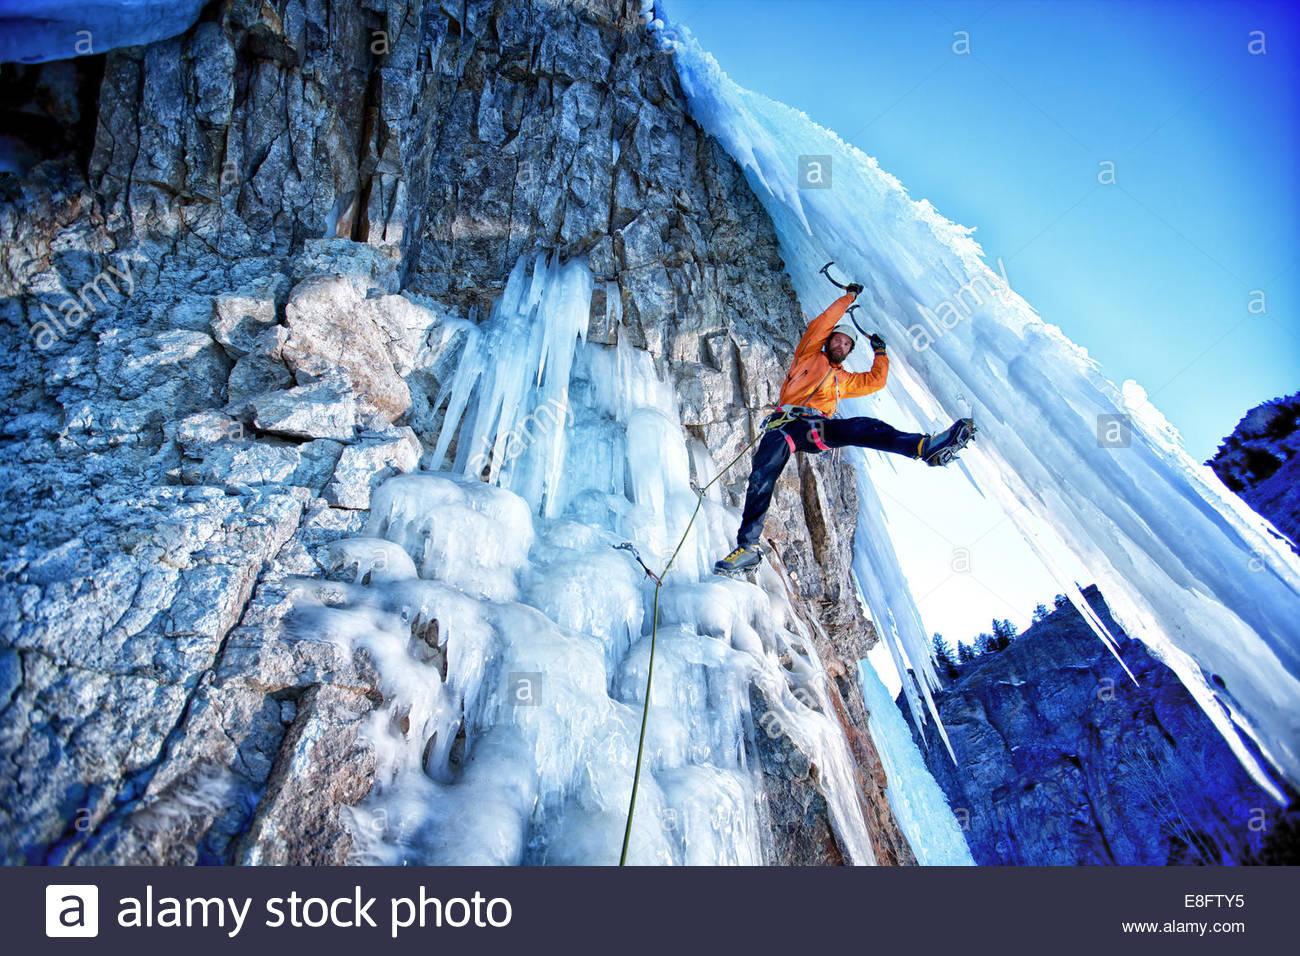 Ice climber climbing onto ice shaft, Lake City, Colorado, America, USA - Stock Image